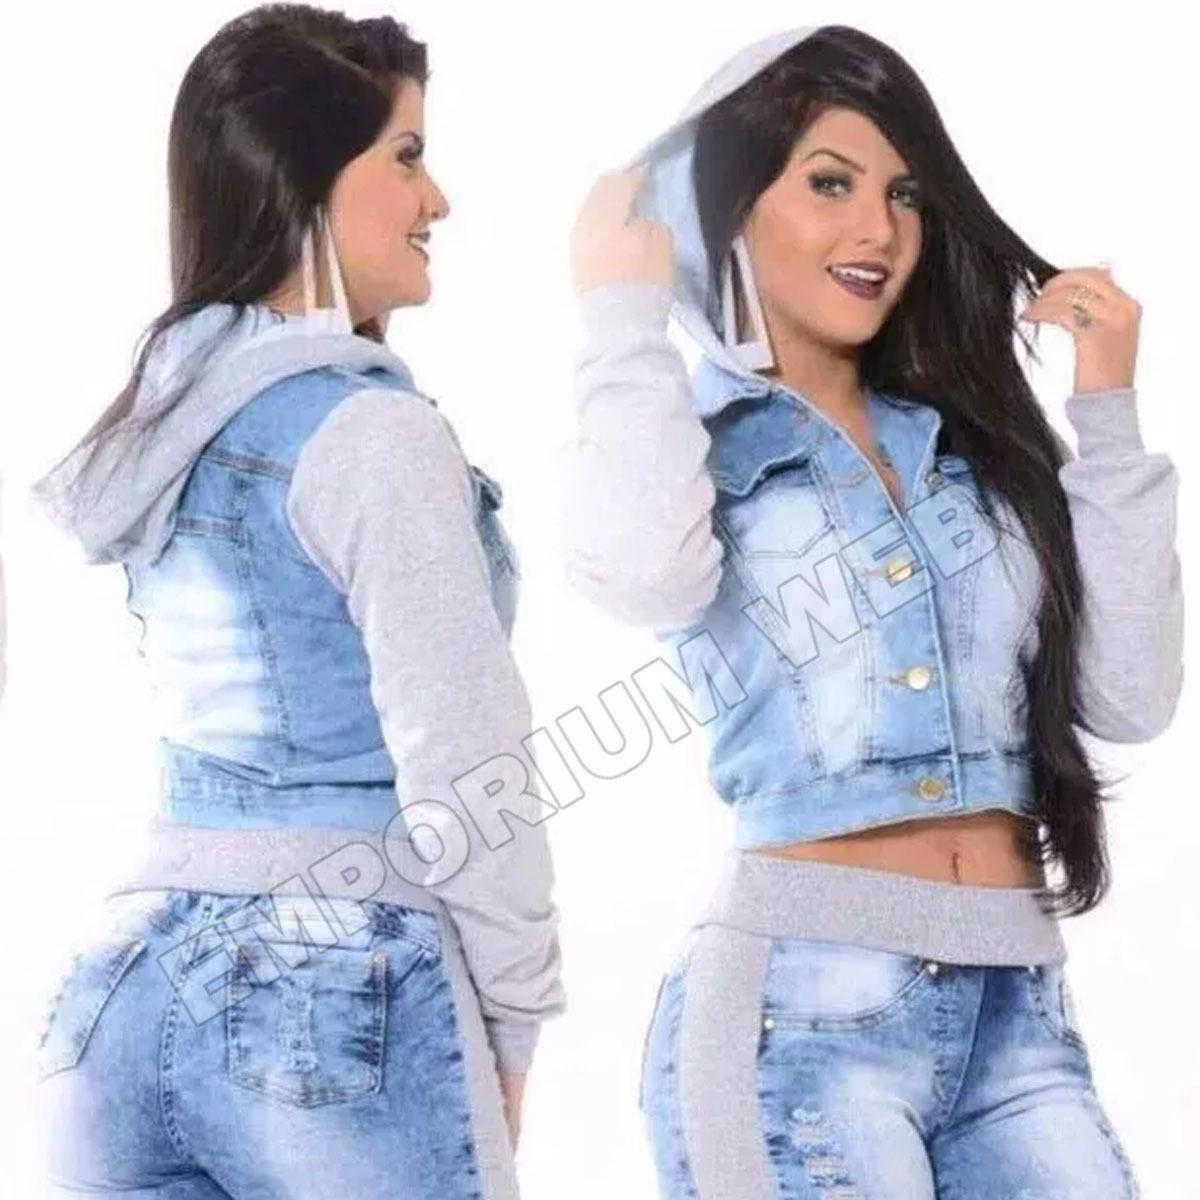 889a909296e2 jaqueta jeans feminina manga moletom capuz moda blogueira. Carregando zoom.